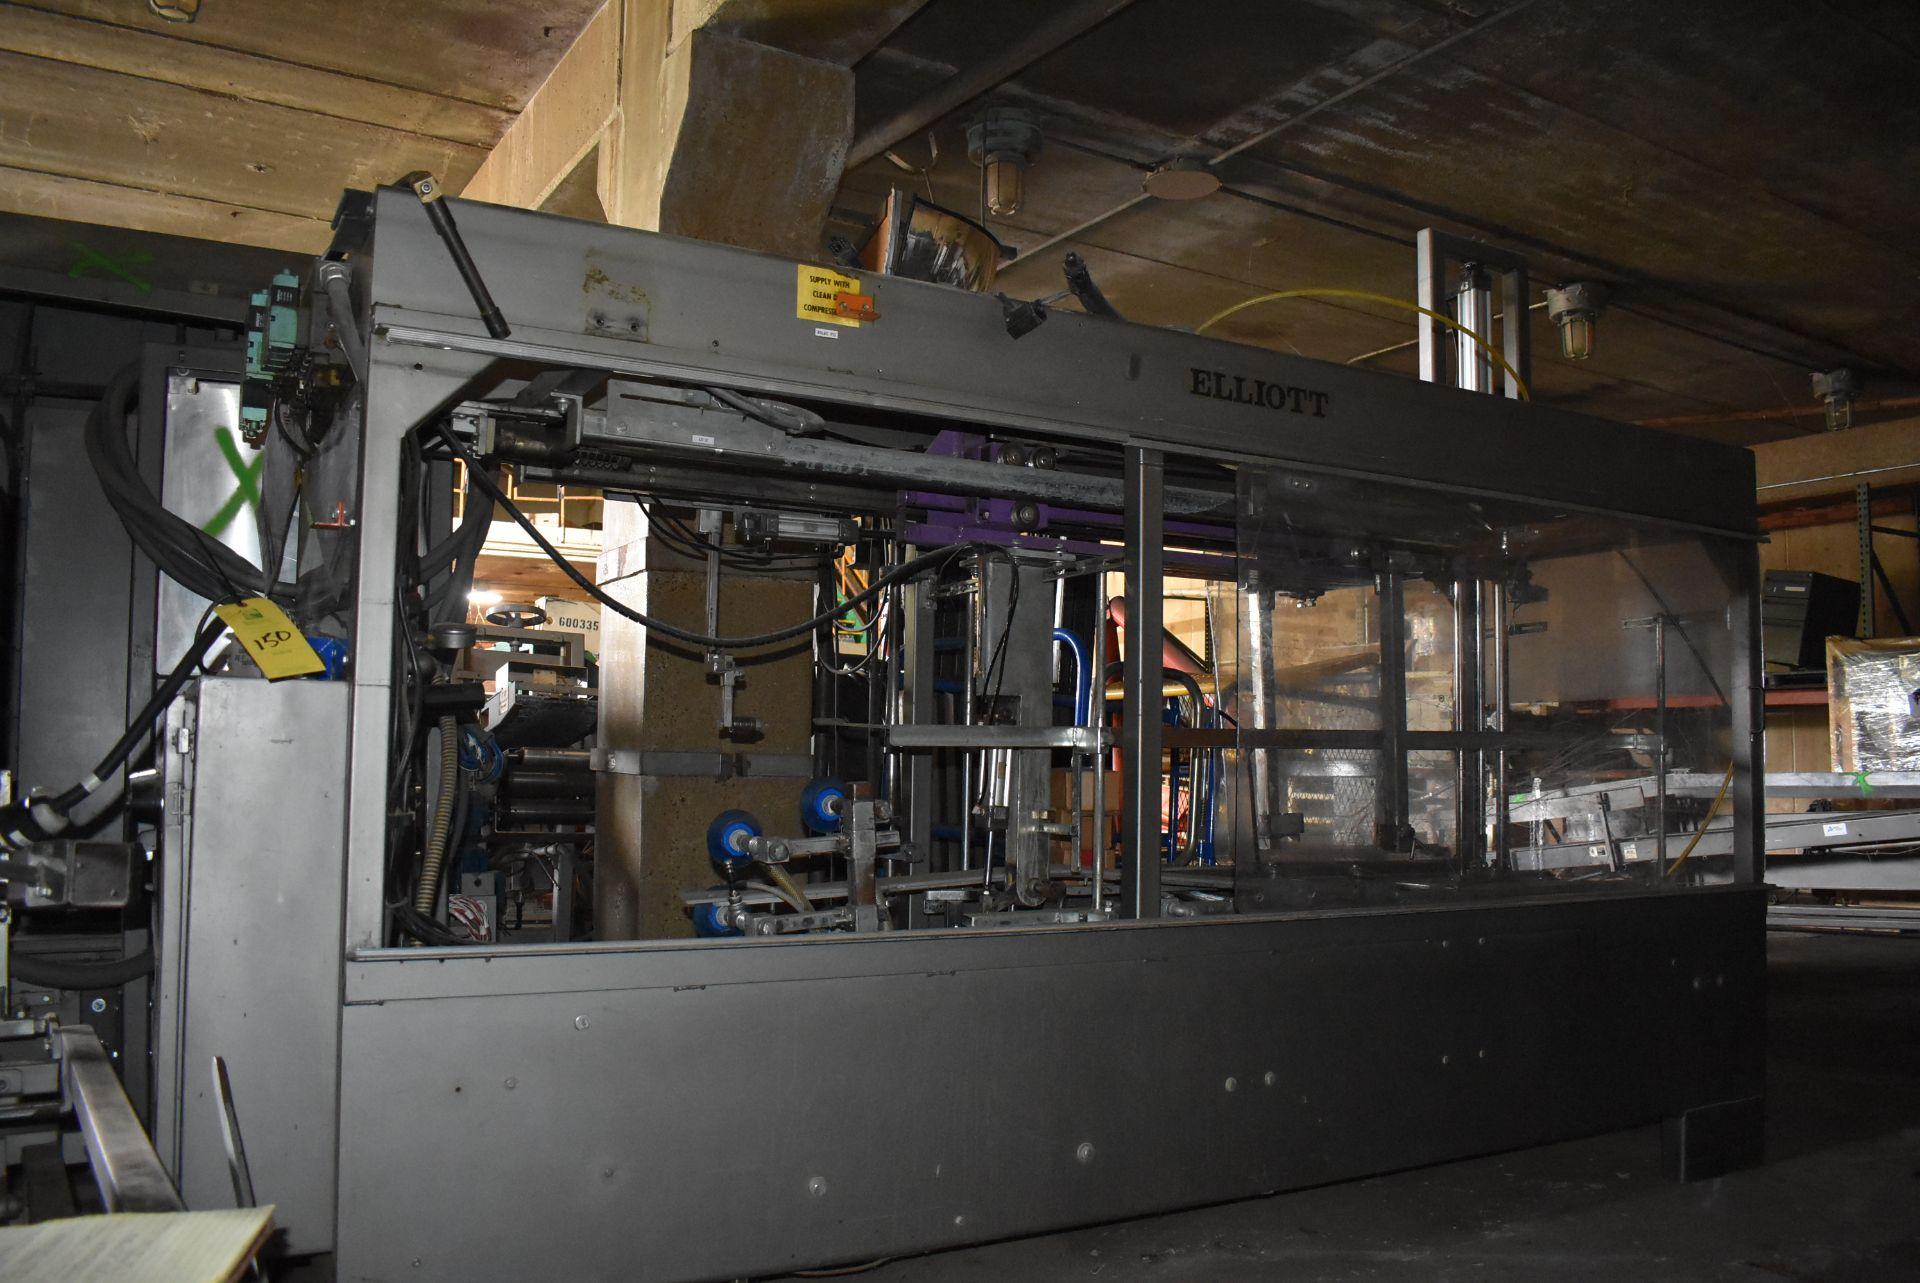 Elliot Model #80-EG Case Erector, SN 94-7-27 - Image 3 of 3